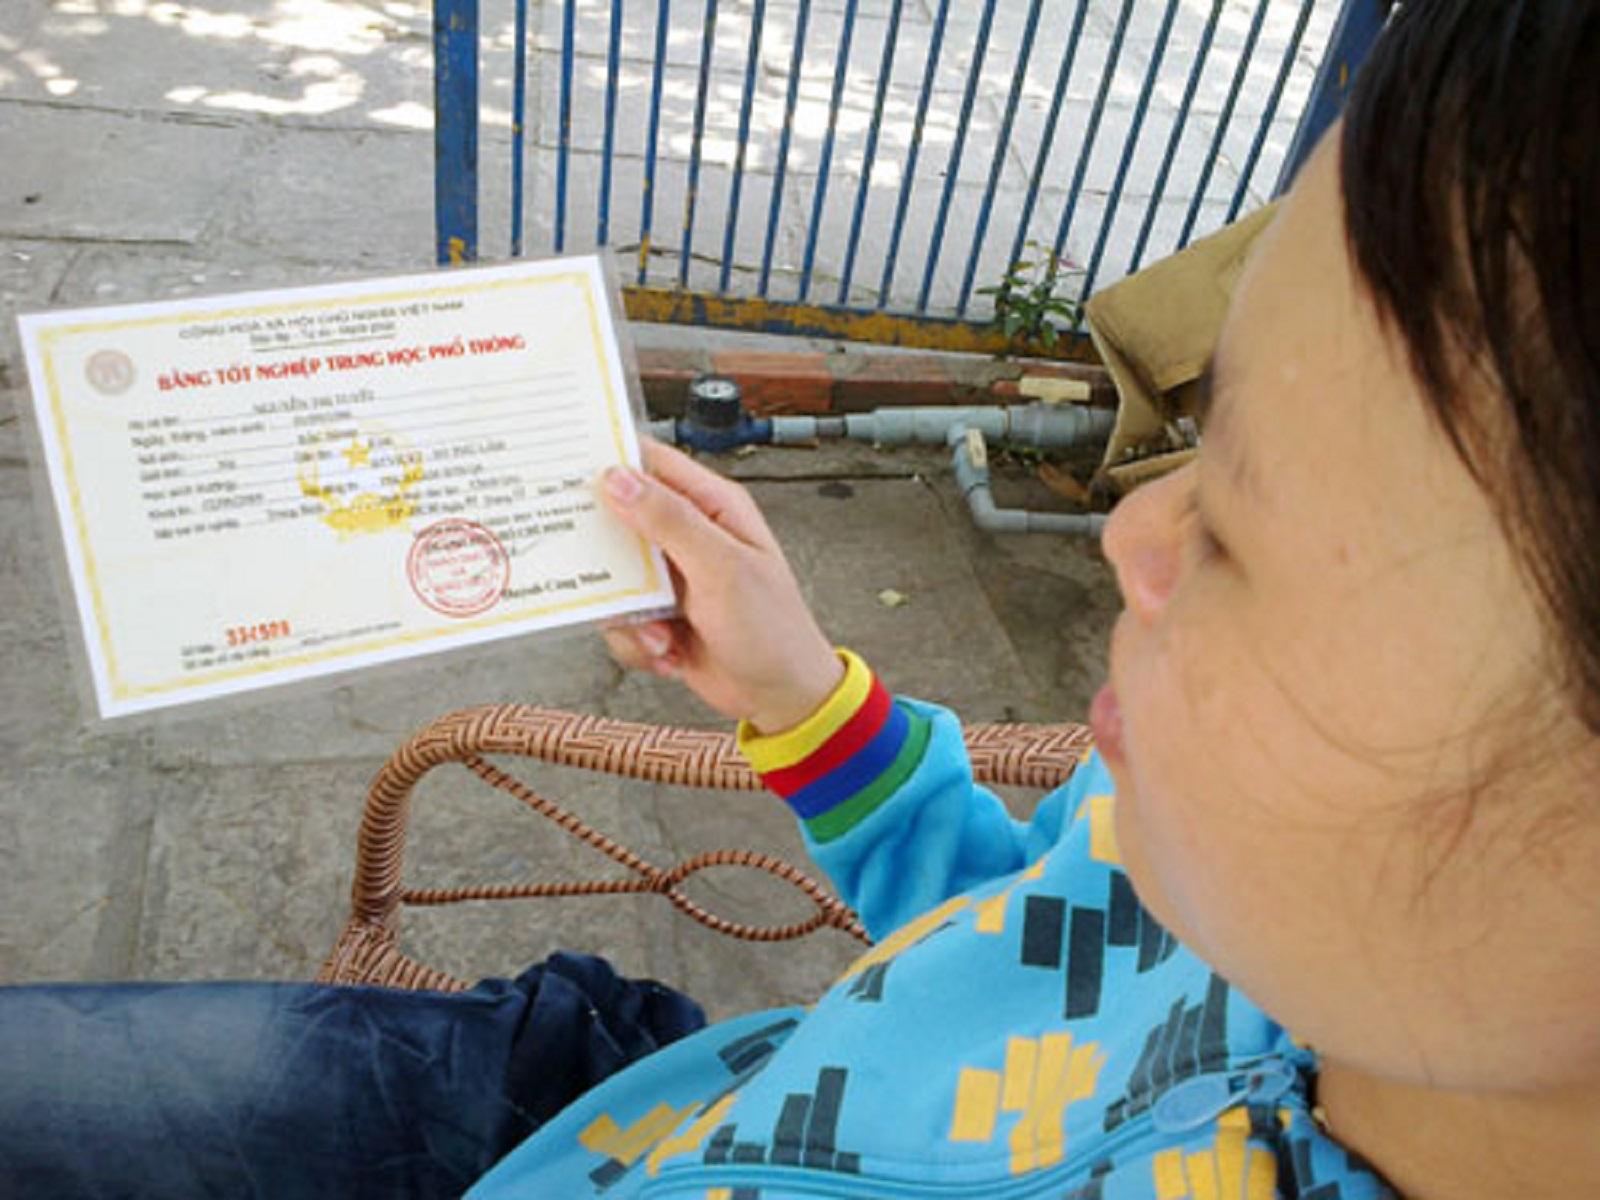 Gia Lai: Chủ tịch Hội phụ nữ thị trấn Yaly sử dụng học bạ và bằng THPT giả